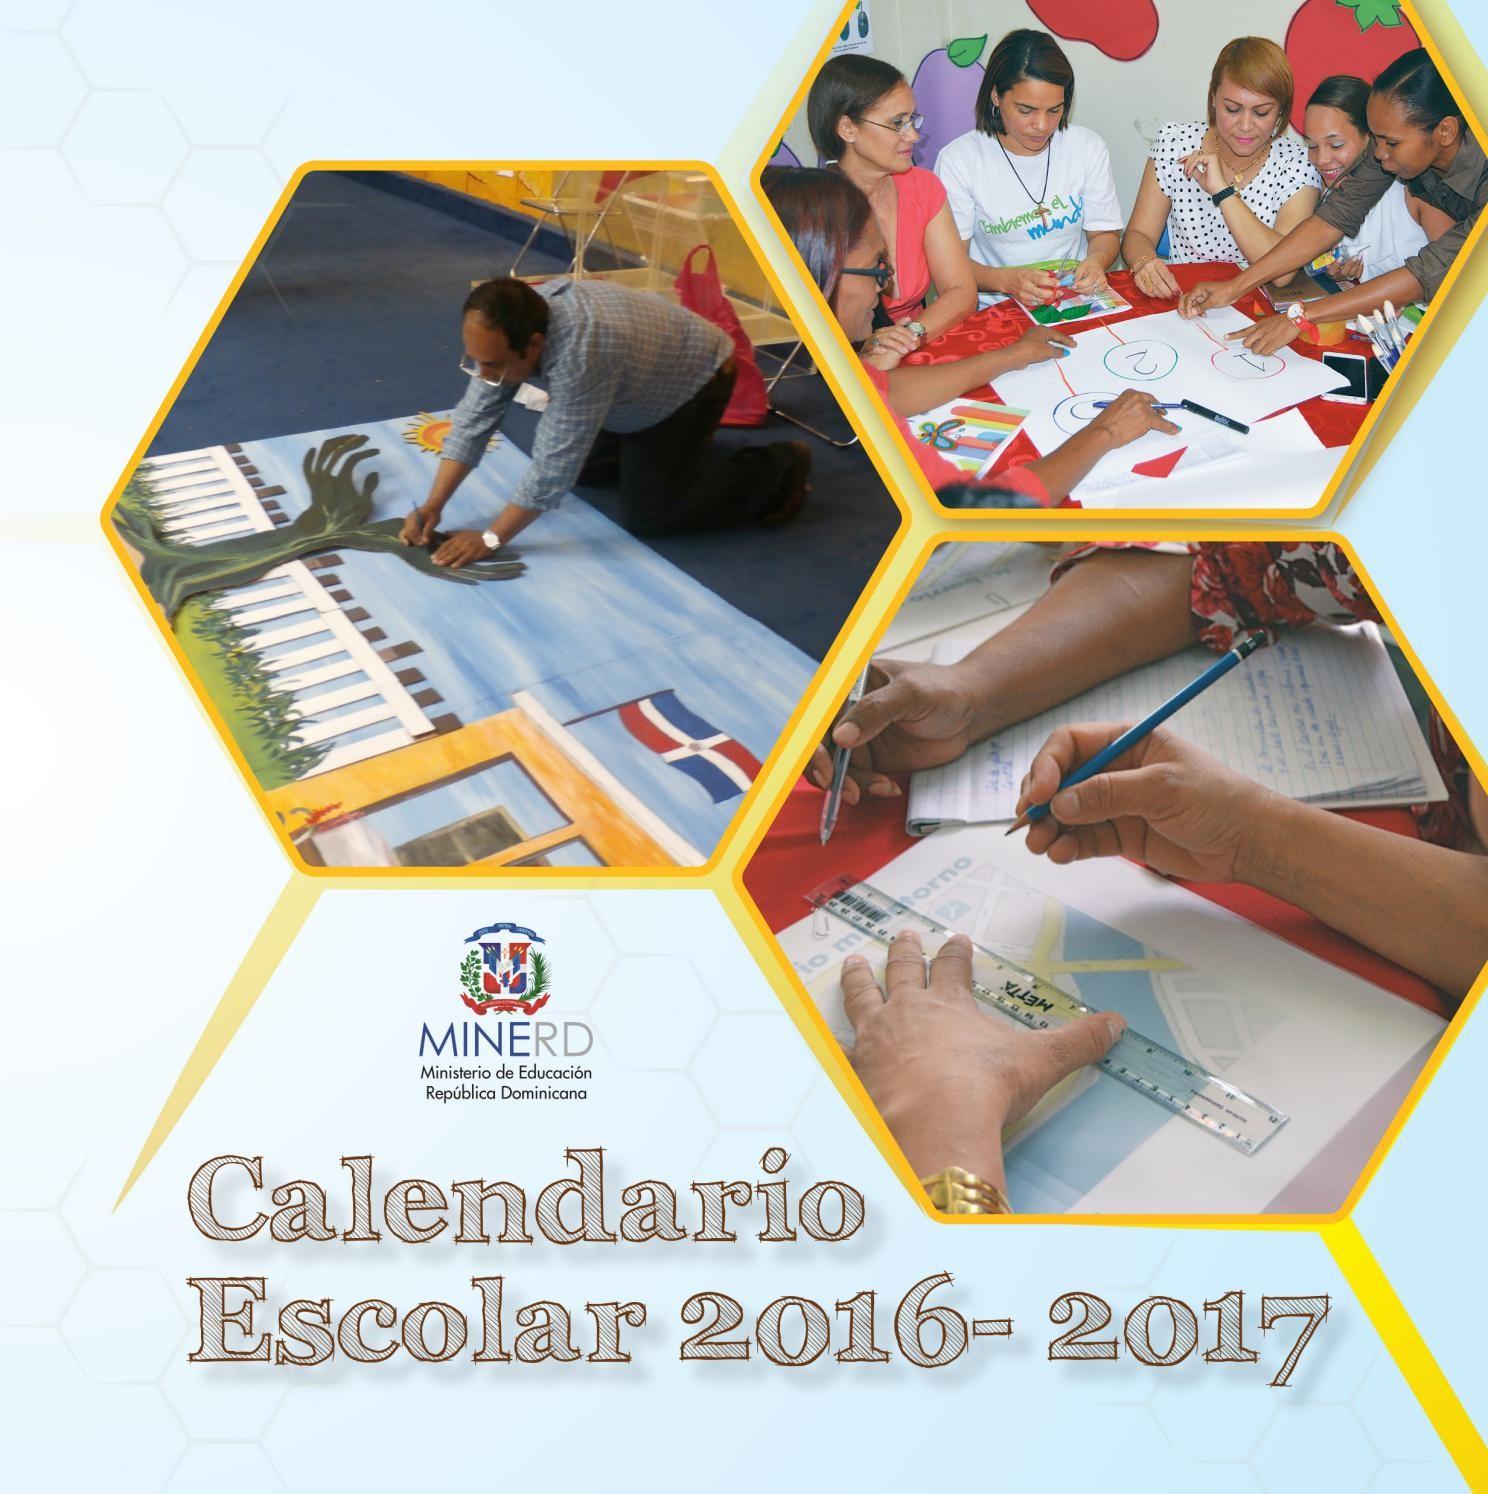 Calendario 2019 Martes Carnaval Recientes Calendario Escolar 2016 2017 by Minerd Digital issuu Of Calendario 2019 Martes Carnaval Más Caliente Pinofranqueado Informa Servicio De Unicaci³n Va Web